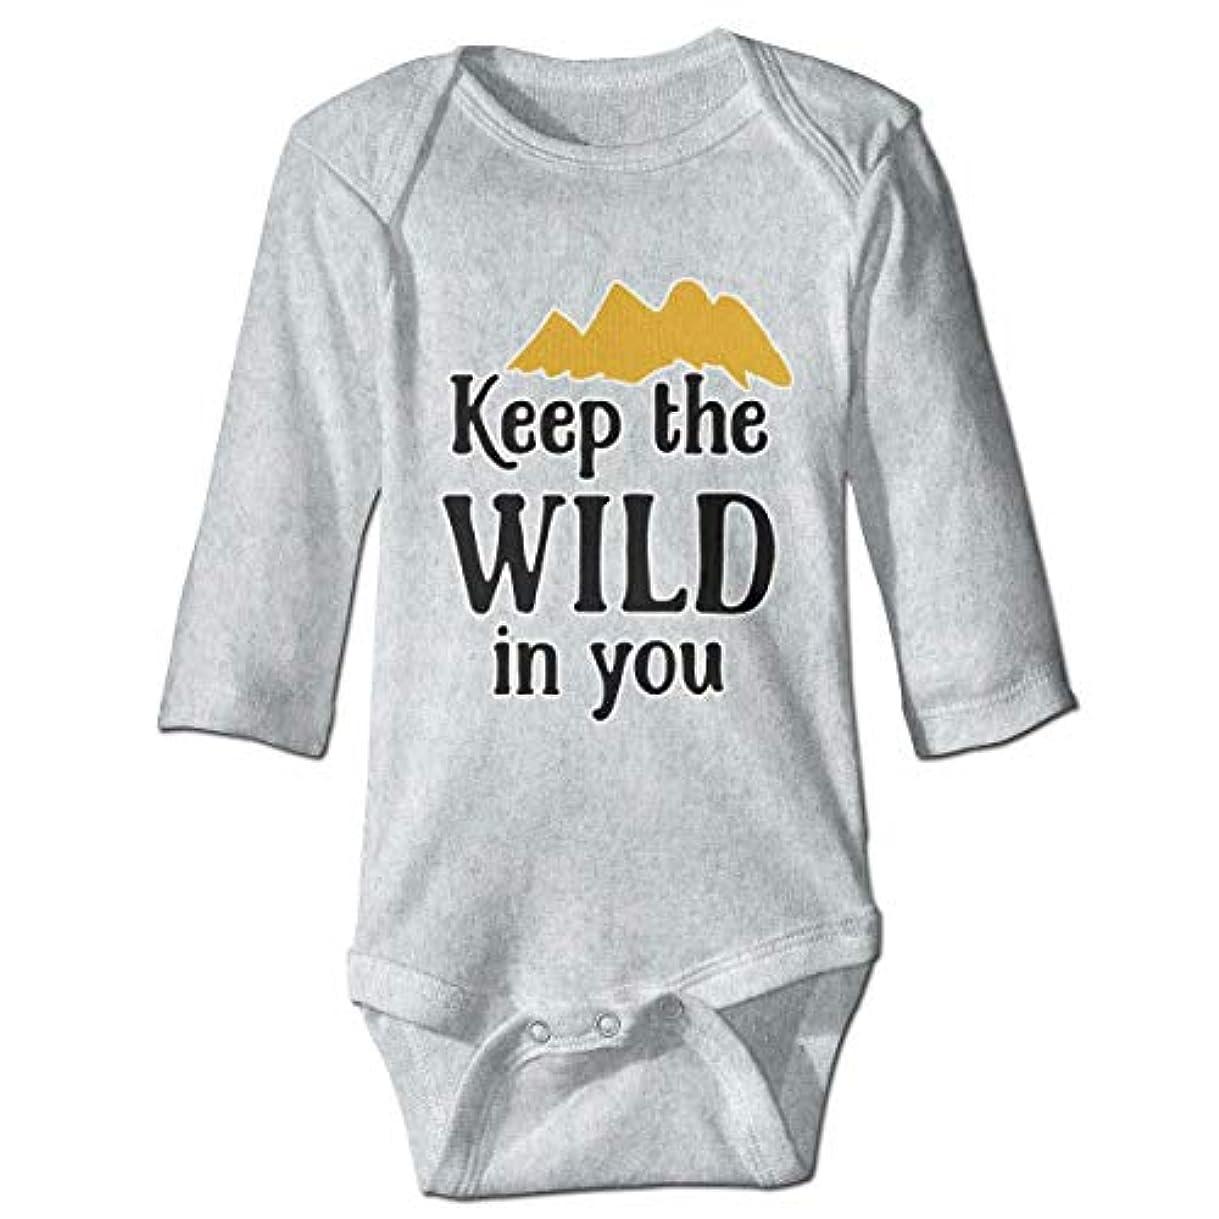 浴室不承認崇拝する赤ちゃんのボディースーツで素敵なOnesie長袖衣装コスチューム、6 Mで野生を保つ